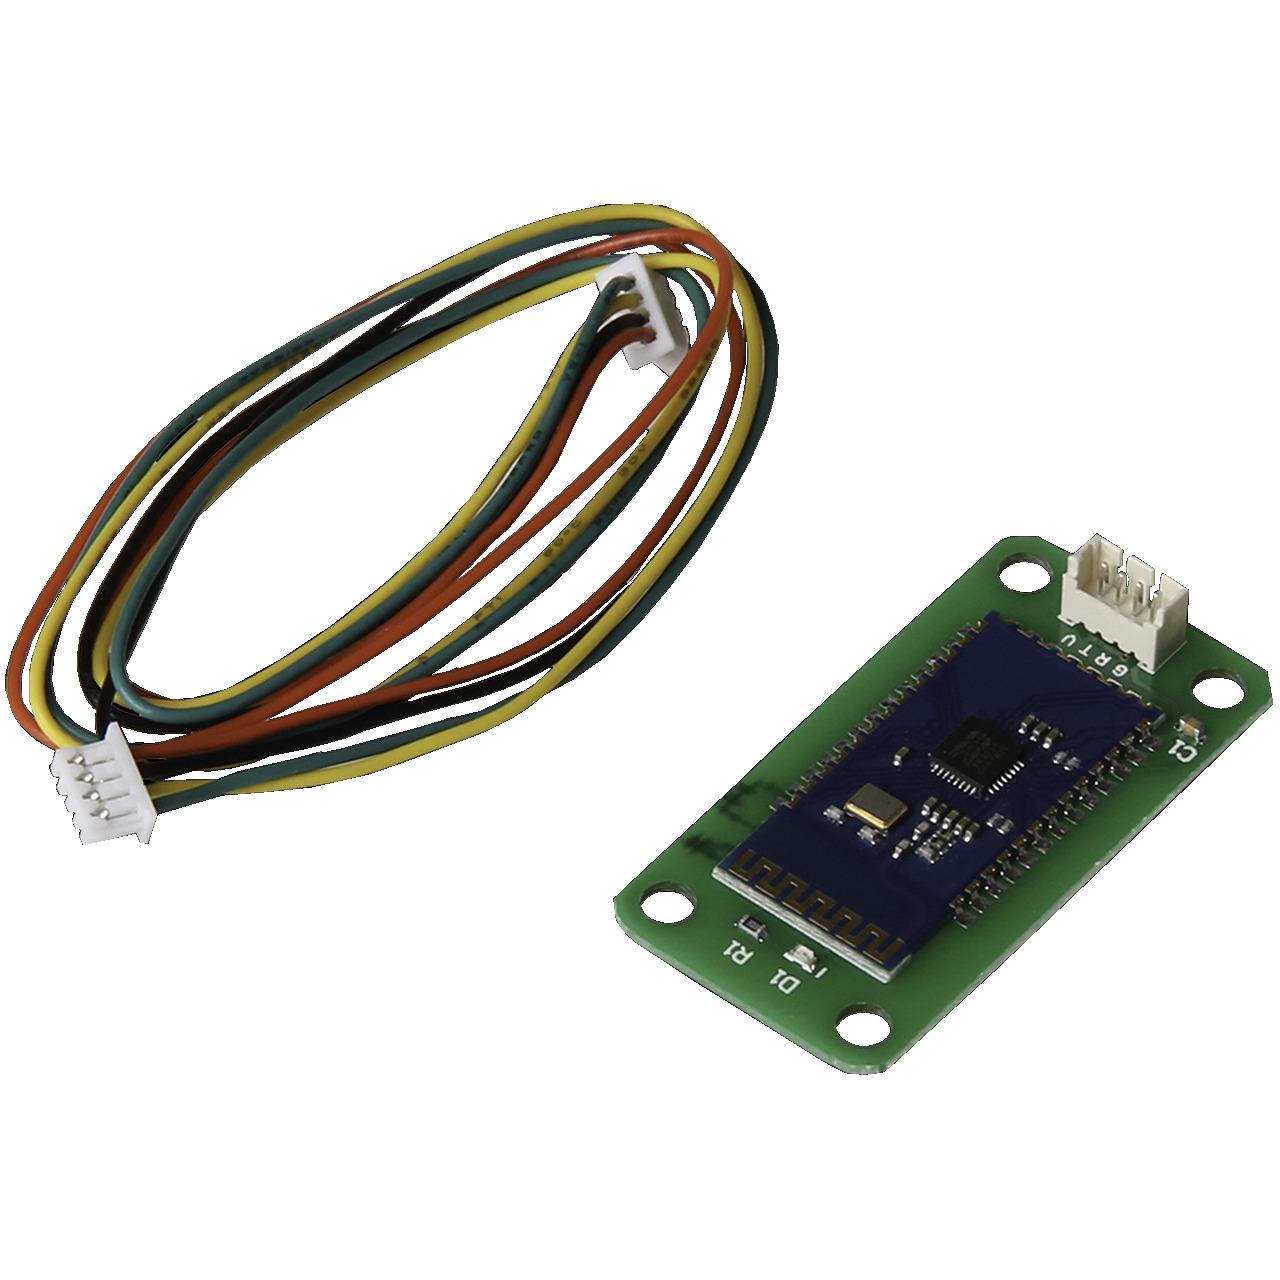 JOY-iT Bluetooth-Erweiterungsmodul fund-252 r JT-DPS5005 und JT-DPS5015 inkl- Verbindungskabel